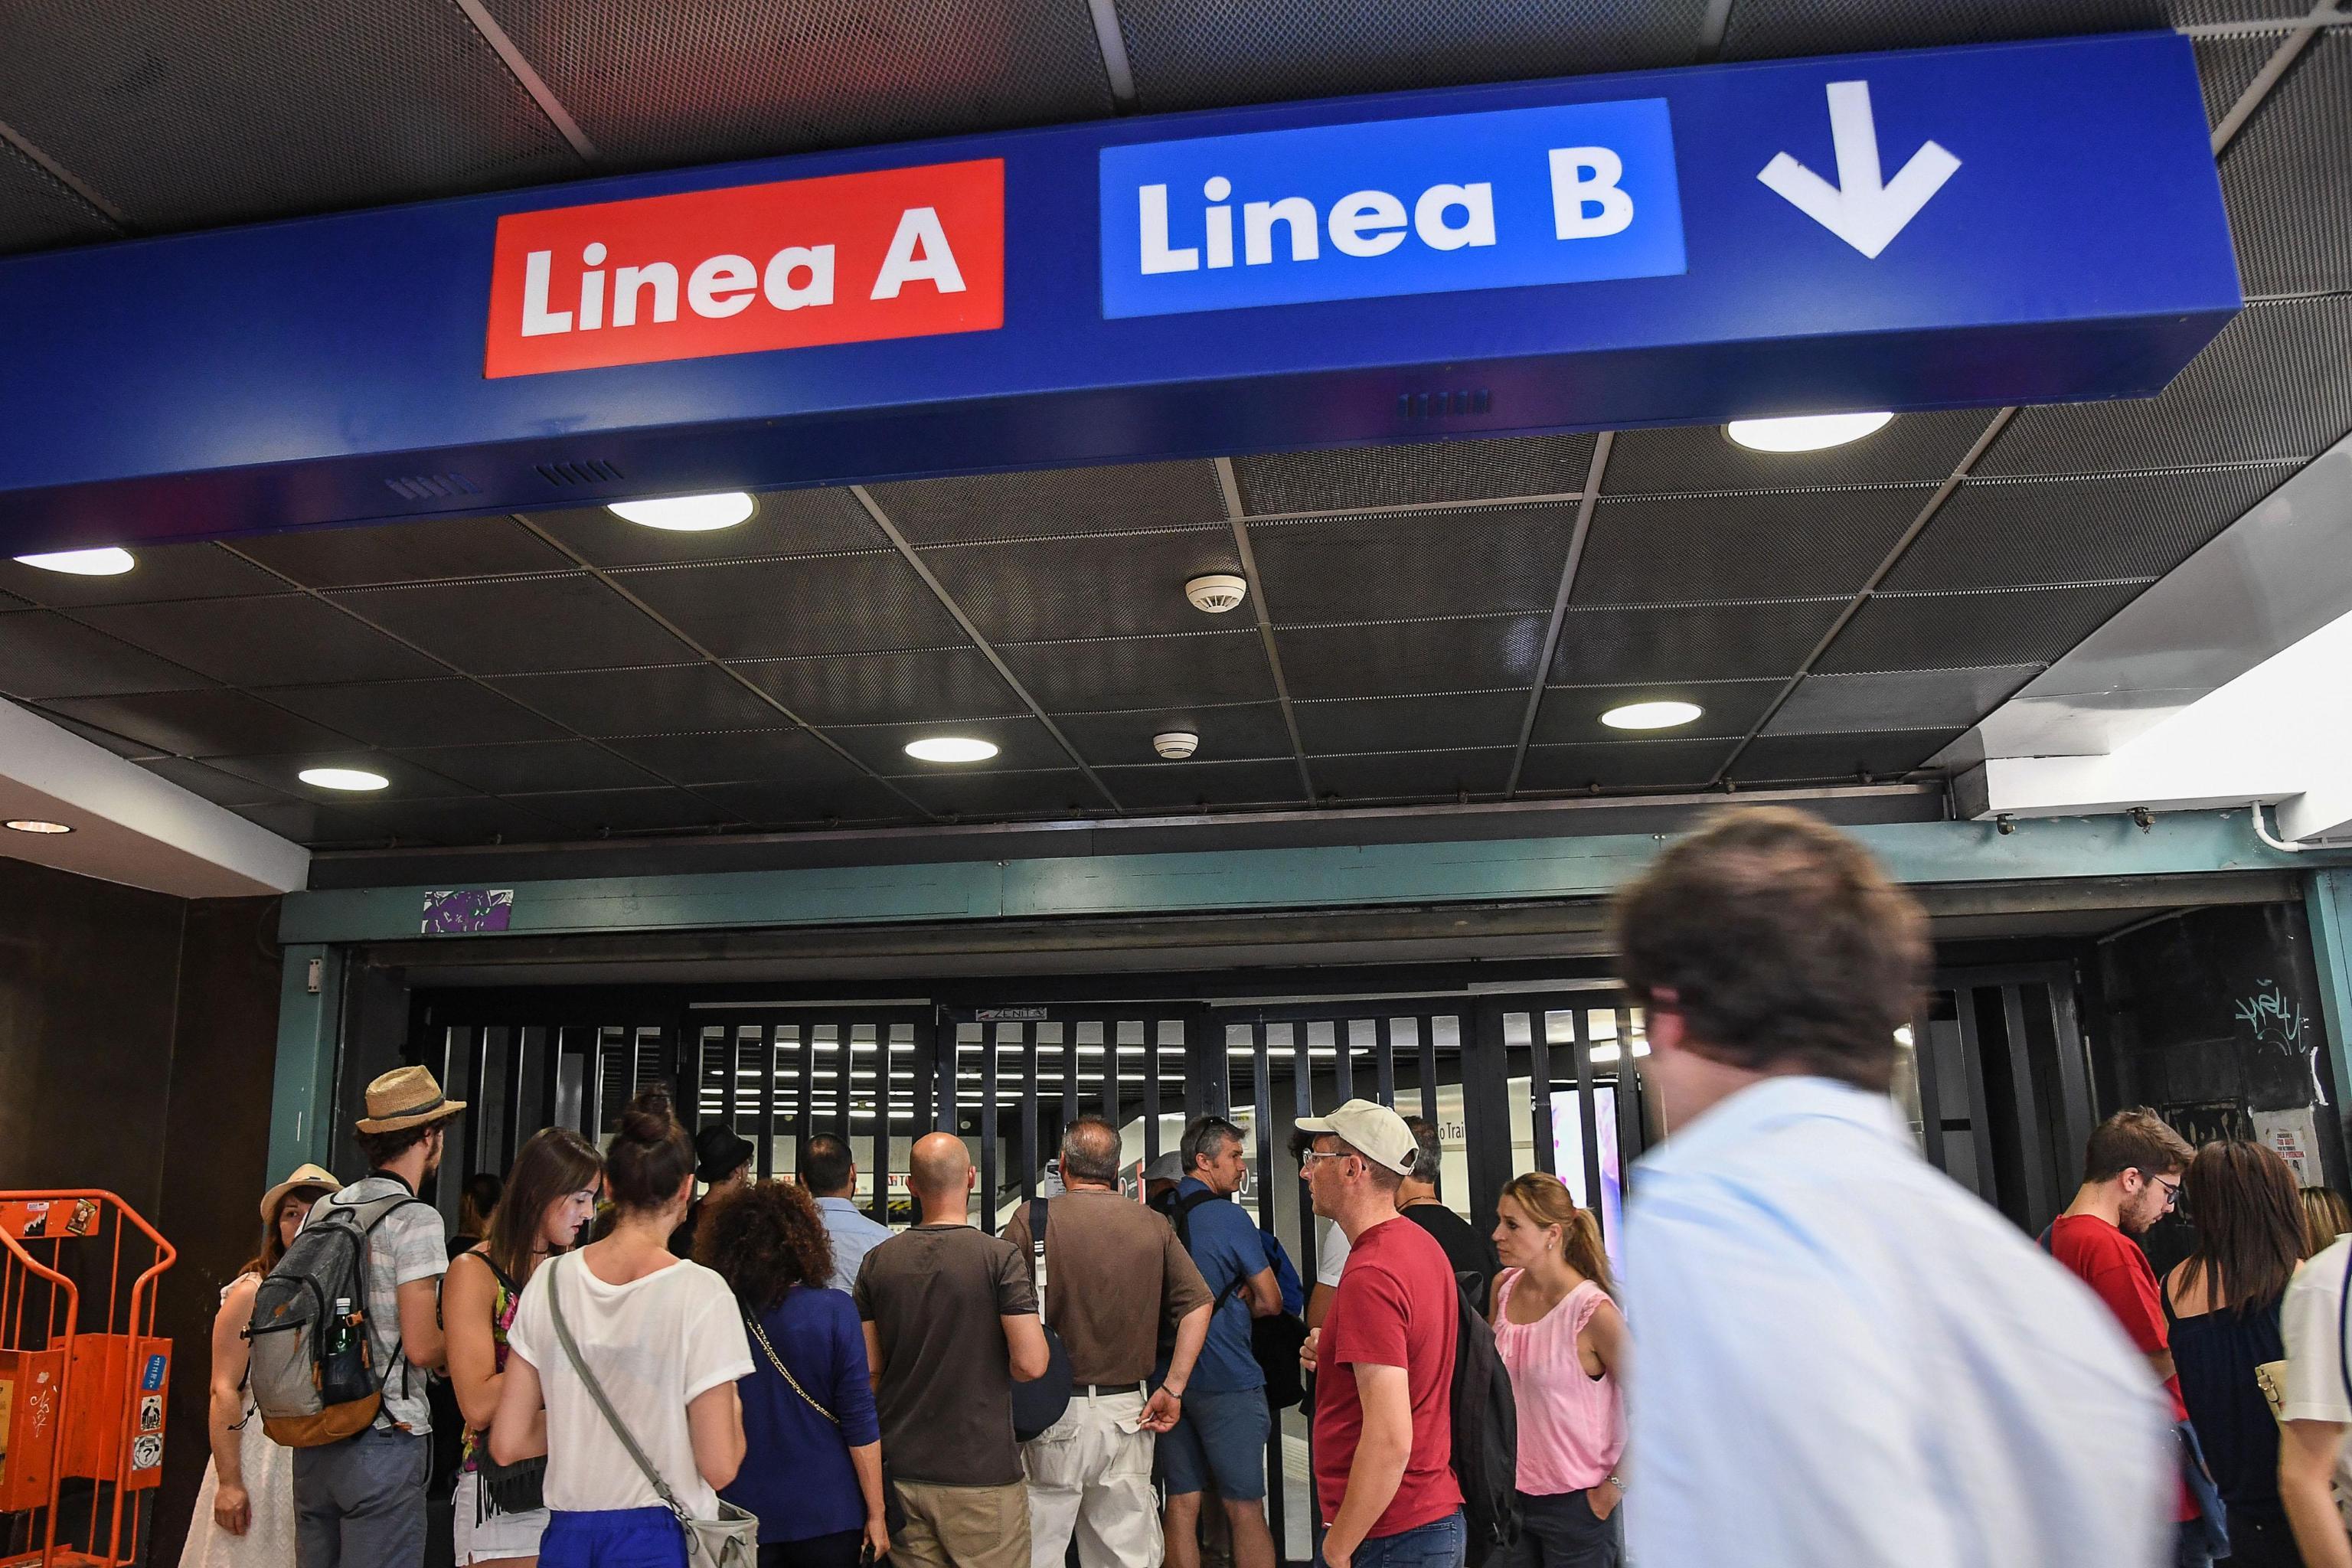 Allarme bomba nella metro di Roma, paura alla stazione Policlinico